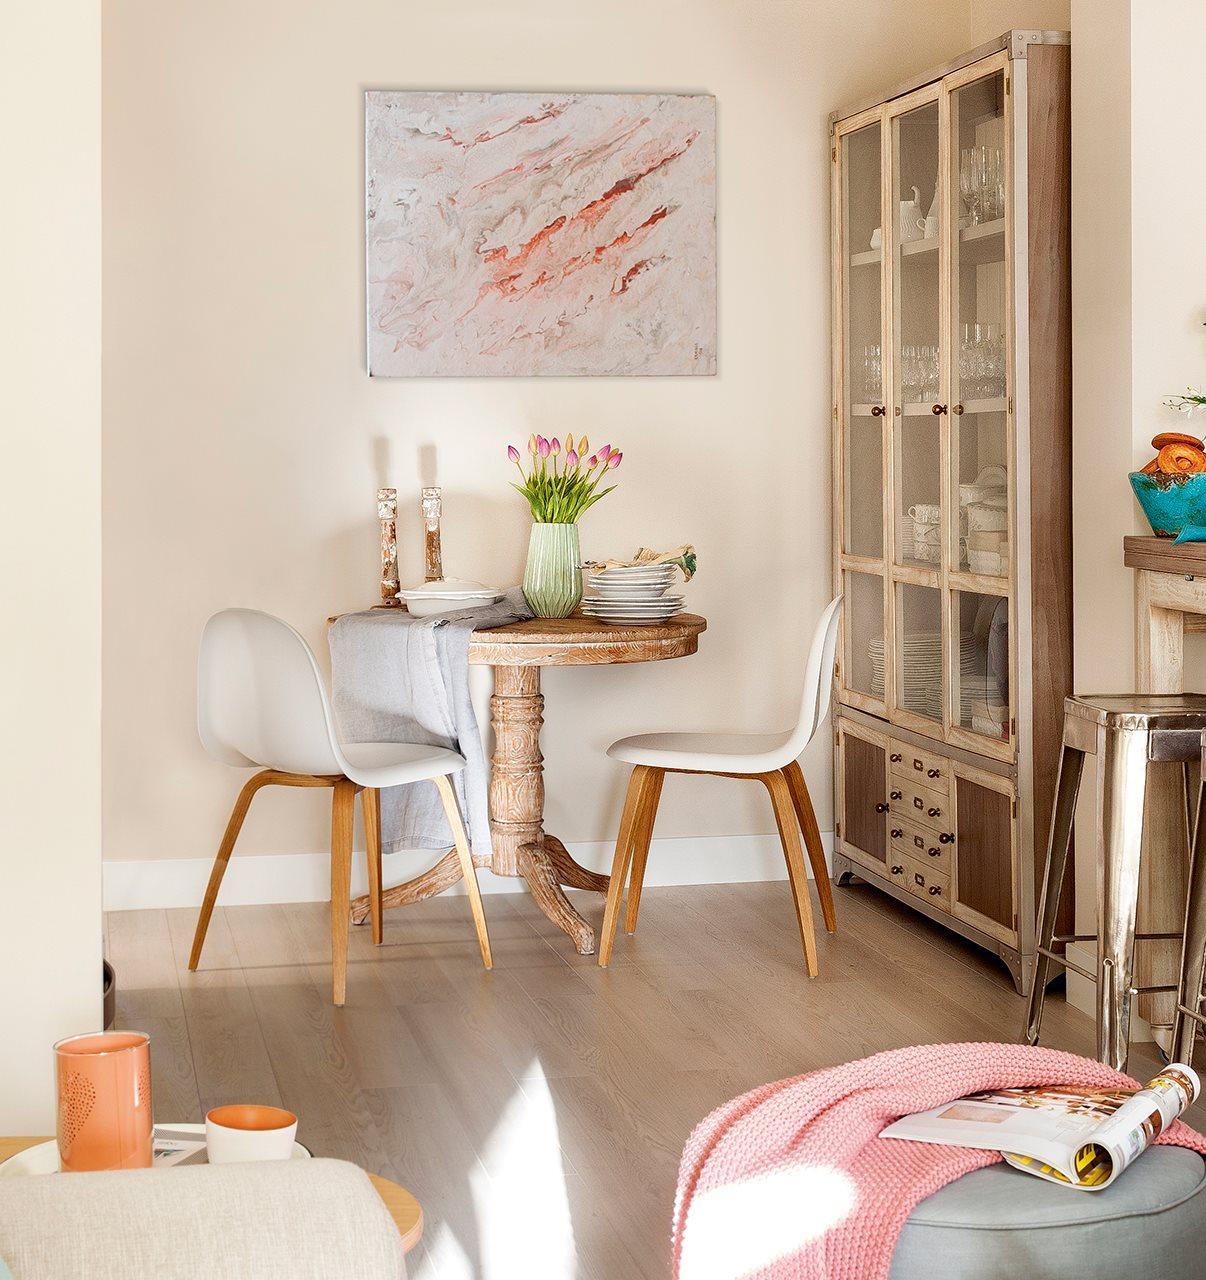 Zona de office con cuadro abstracto y alacena. Hacia el office Alacena y taburetes